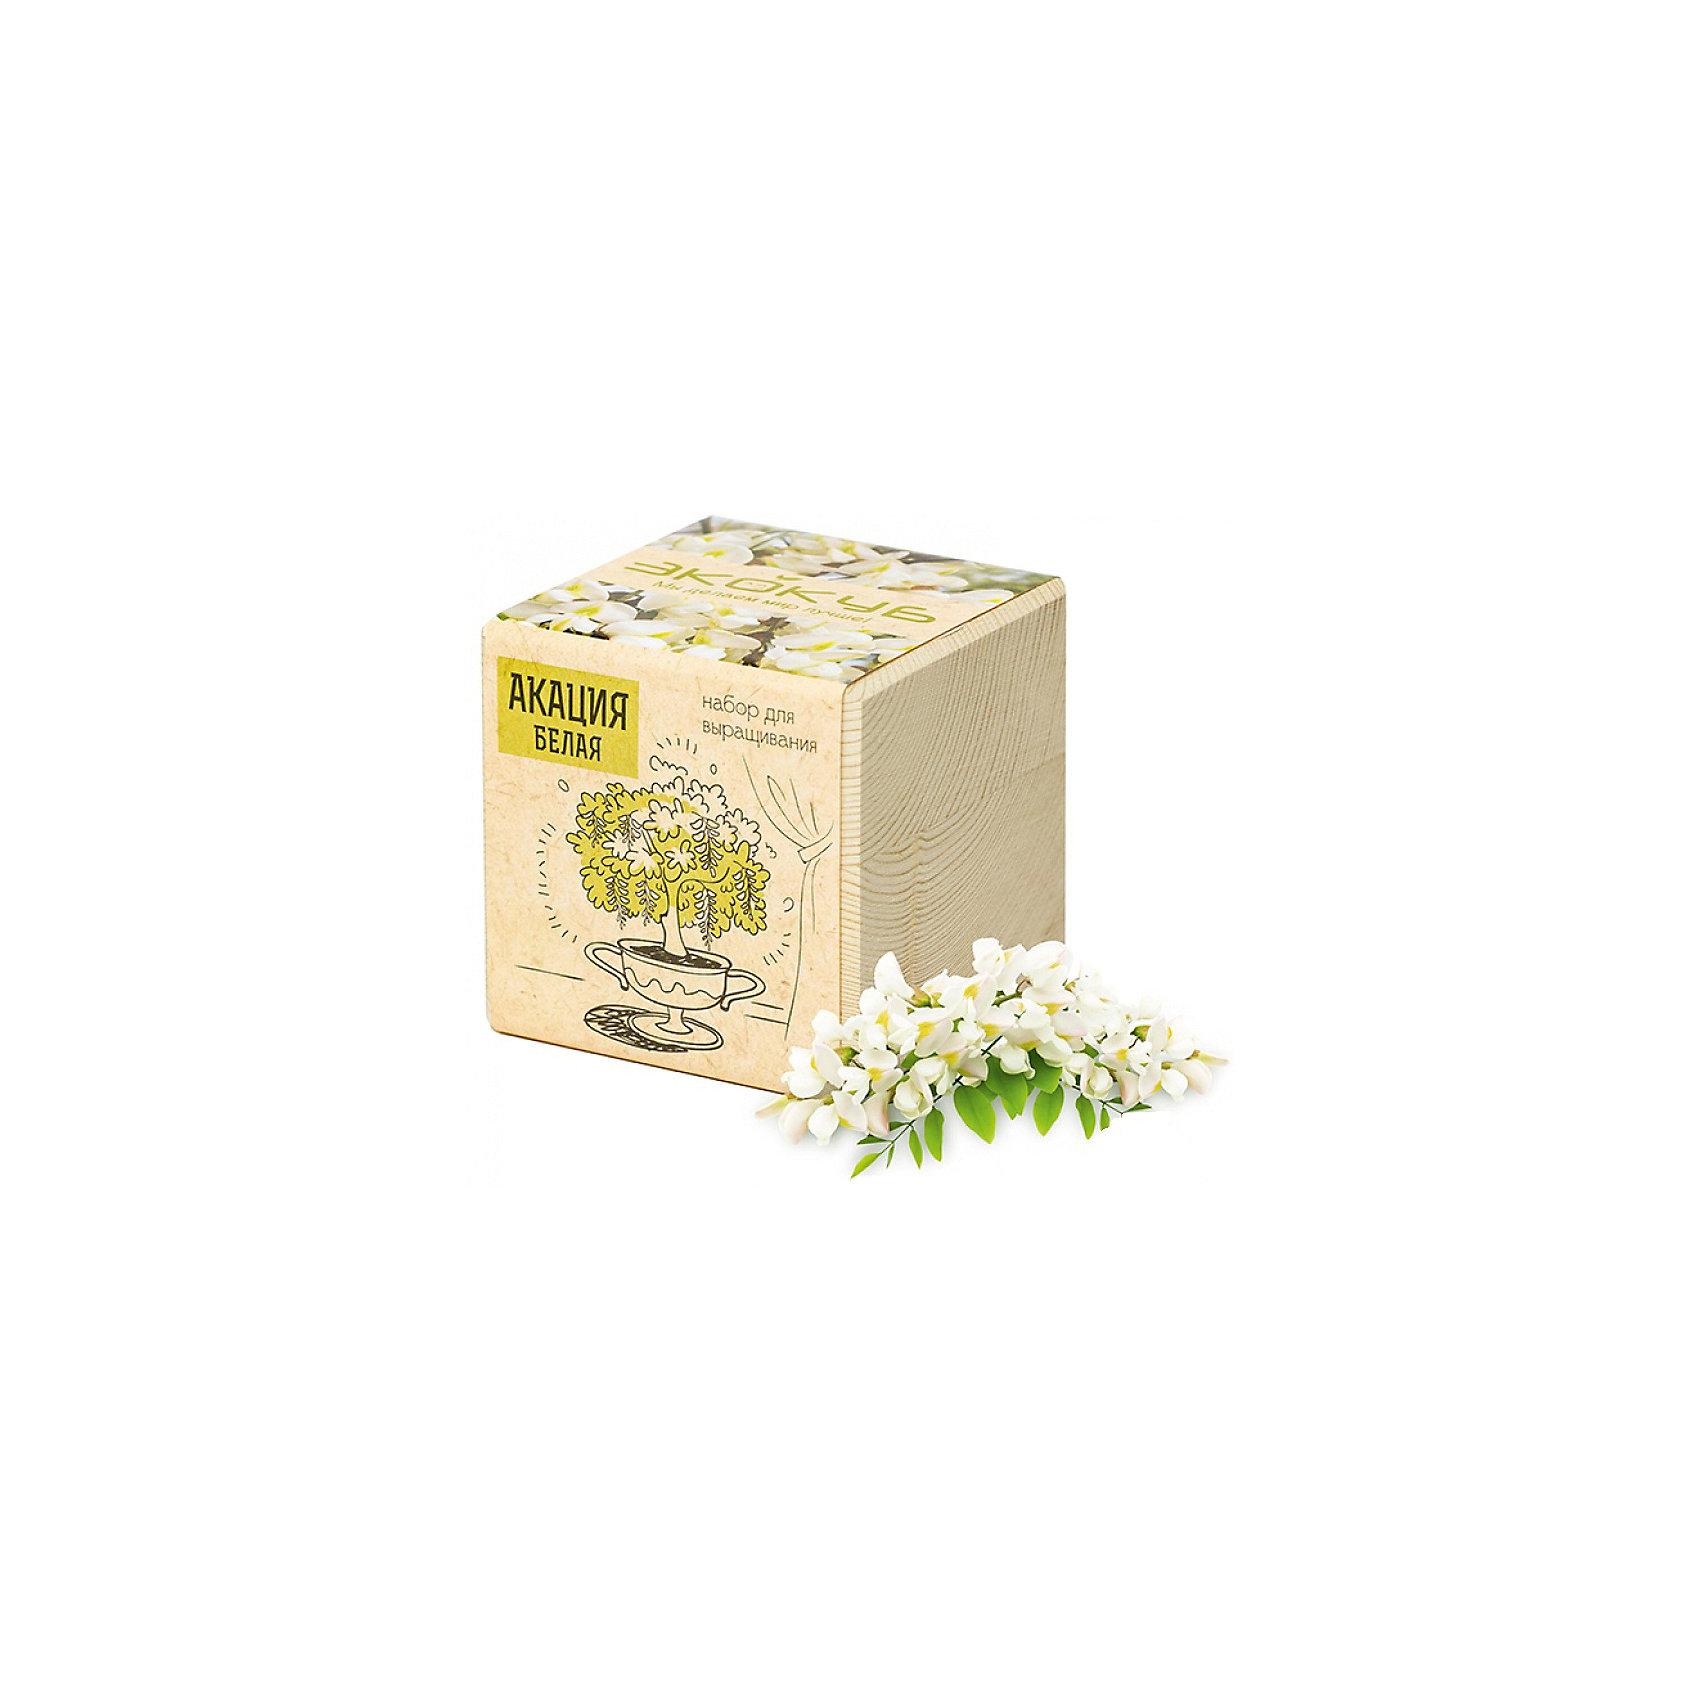 Набор для выращивания Акация, ЭкокубНаборы для выращивания растений<br>Наборы Эко Куб - удивительная вещь, которая станет необычным украшением дома или оригинальным подарком. С виду это лишь маленьникй деревянный кубик, но внутри него спрятано настоящее деревце, которое вы самостоятельно сможете прорастить из семечка и собрать урожай. Это увлекательное и полезное занятие для всей семьи, которое поможет родителям стать ближе к своим детям. Набор учит ребенка заботиться о живых существах, воспитывает чувство ответственности.<br><br>Ширина мм: 80<br>Глубина мм: 80<br>Высота мм: 80<br>Вес г: 199<br>Возраст от месяцев: 60<br>Возраст до месяцев: 2147483647<br>Пол: Унисекс<br>Возраст: Детский<br>SKU: 5596050